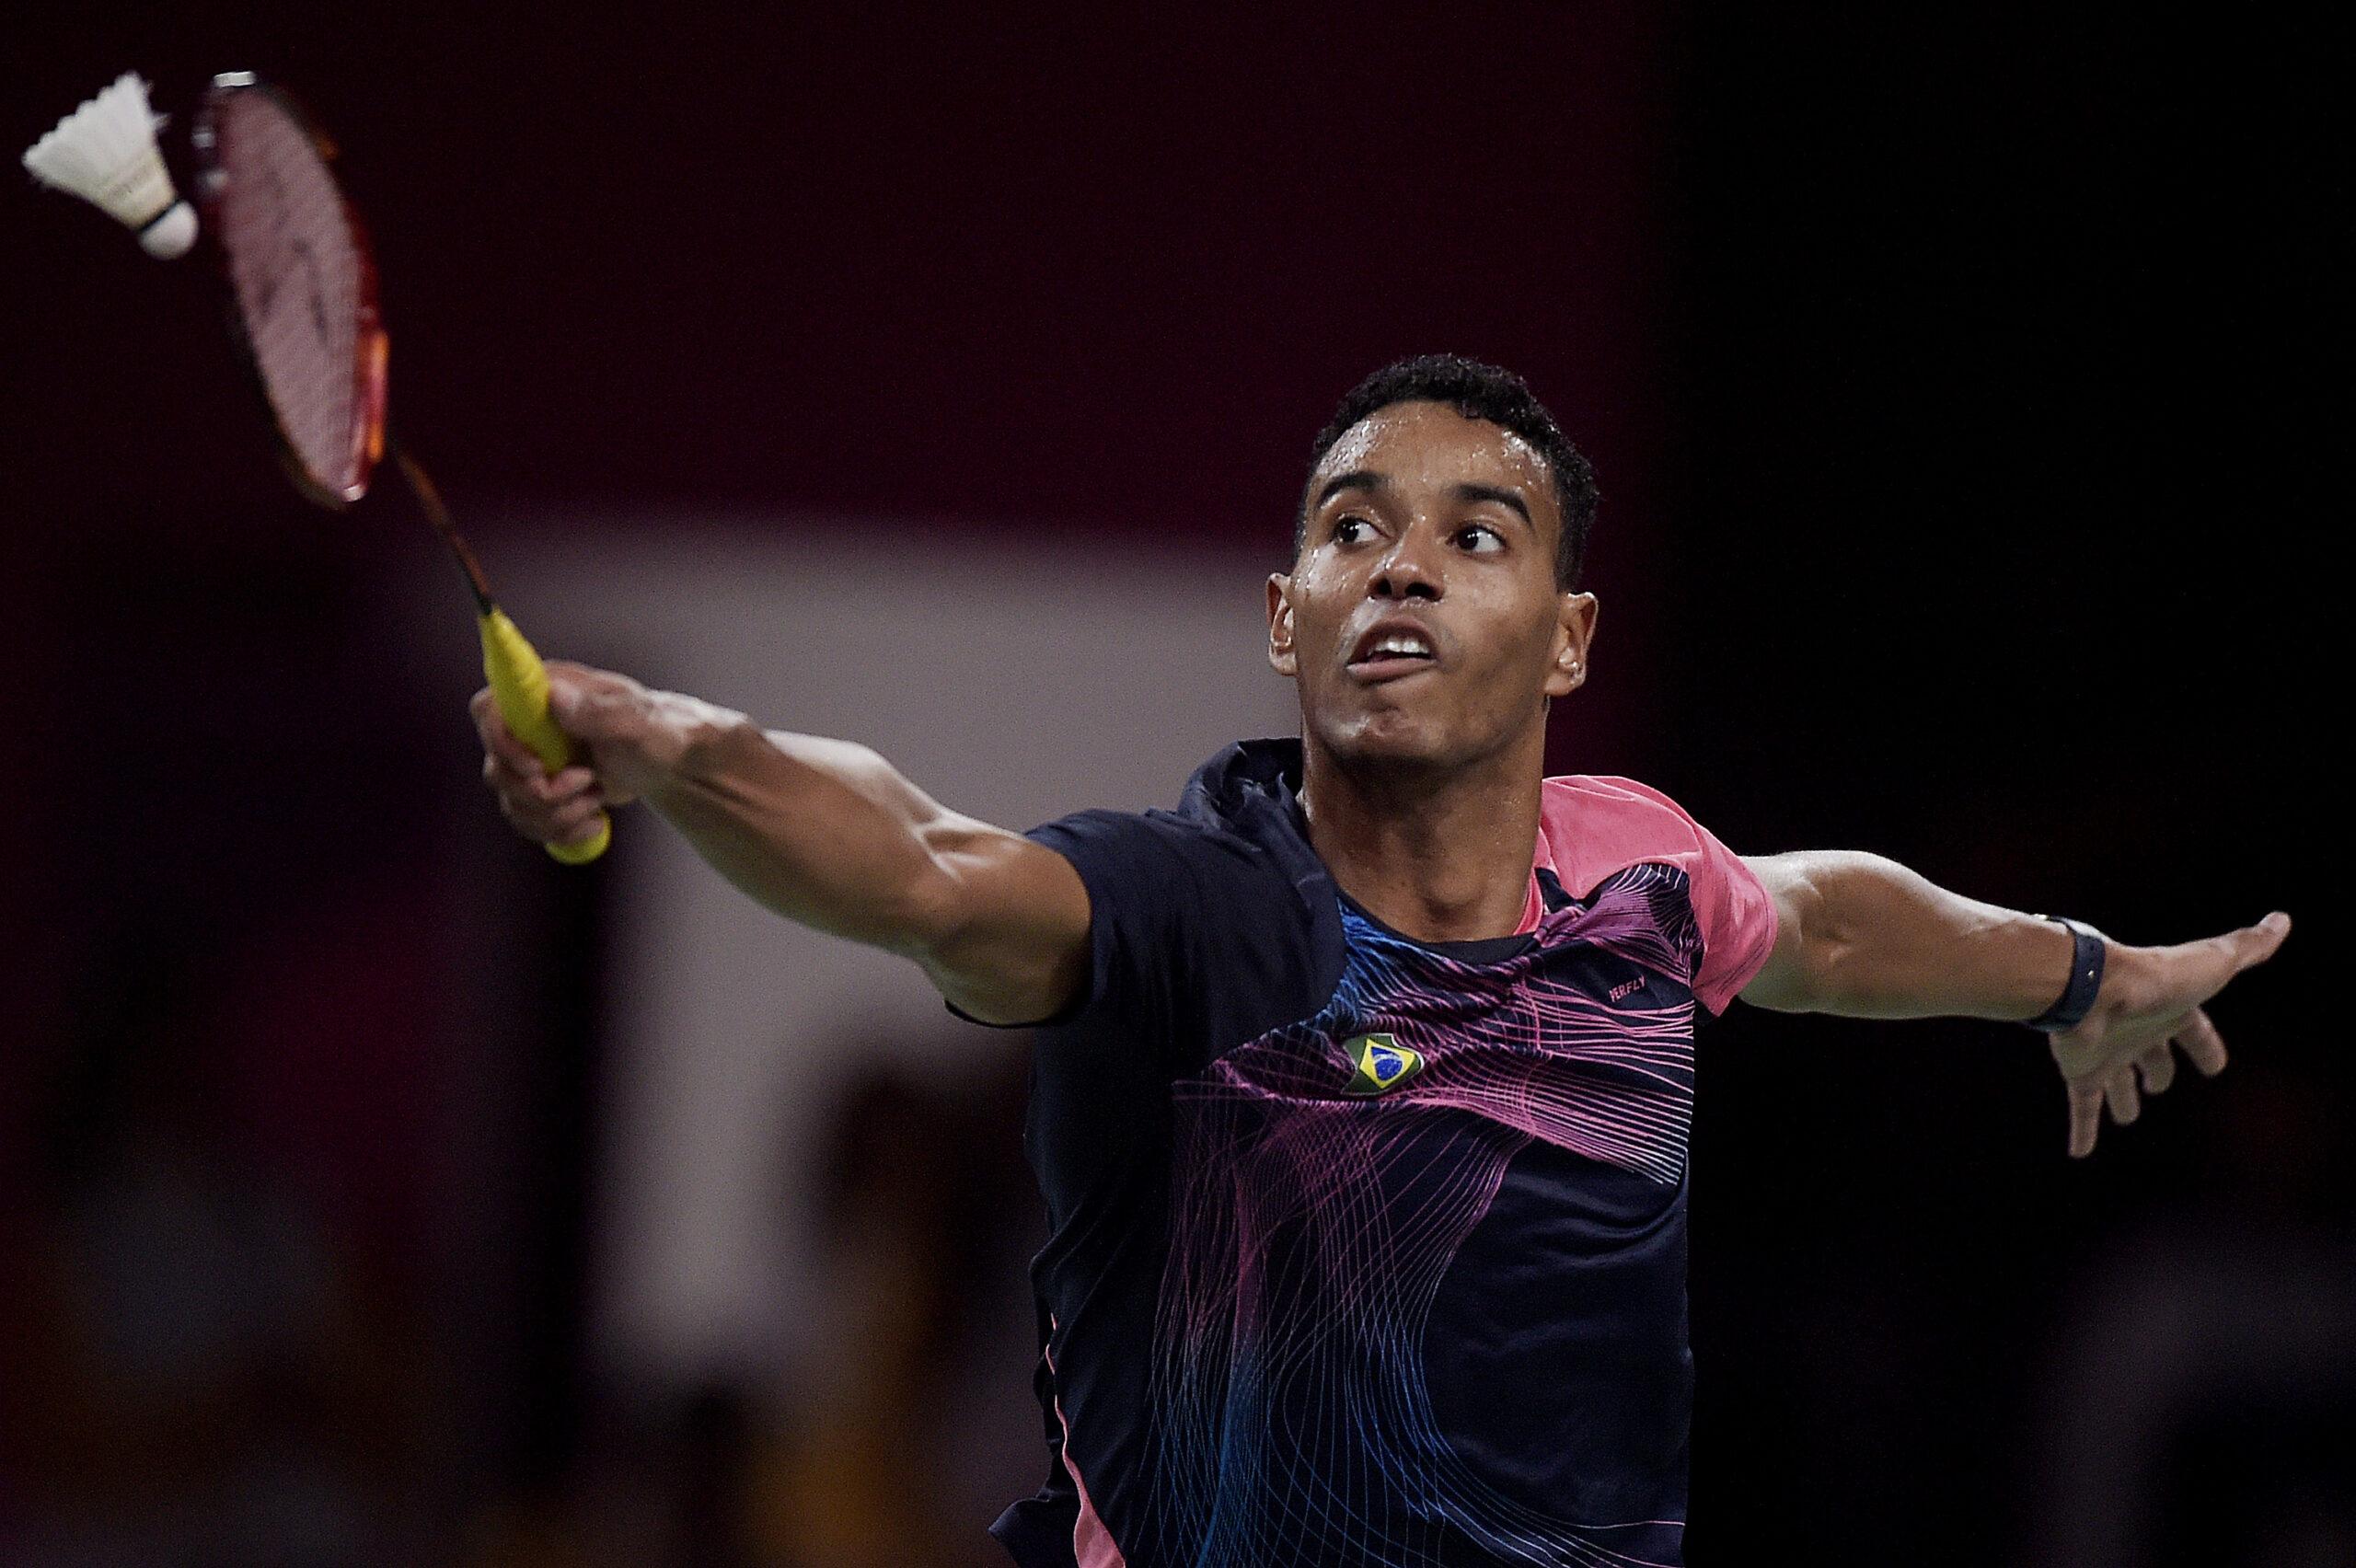 Cria da Chacrinha, Ygor Coelho faz história no Badminton em sua participação nas Olimpíadas